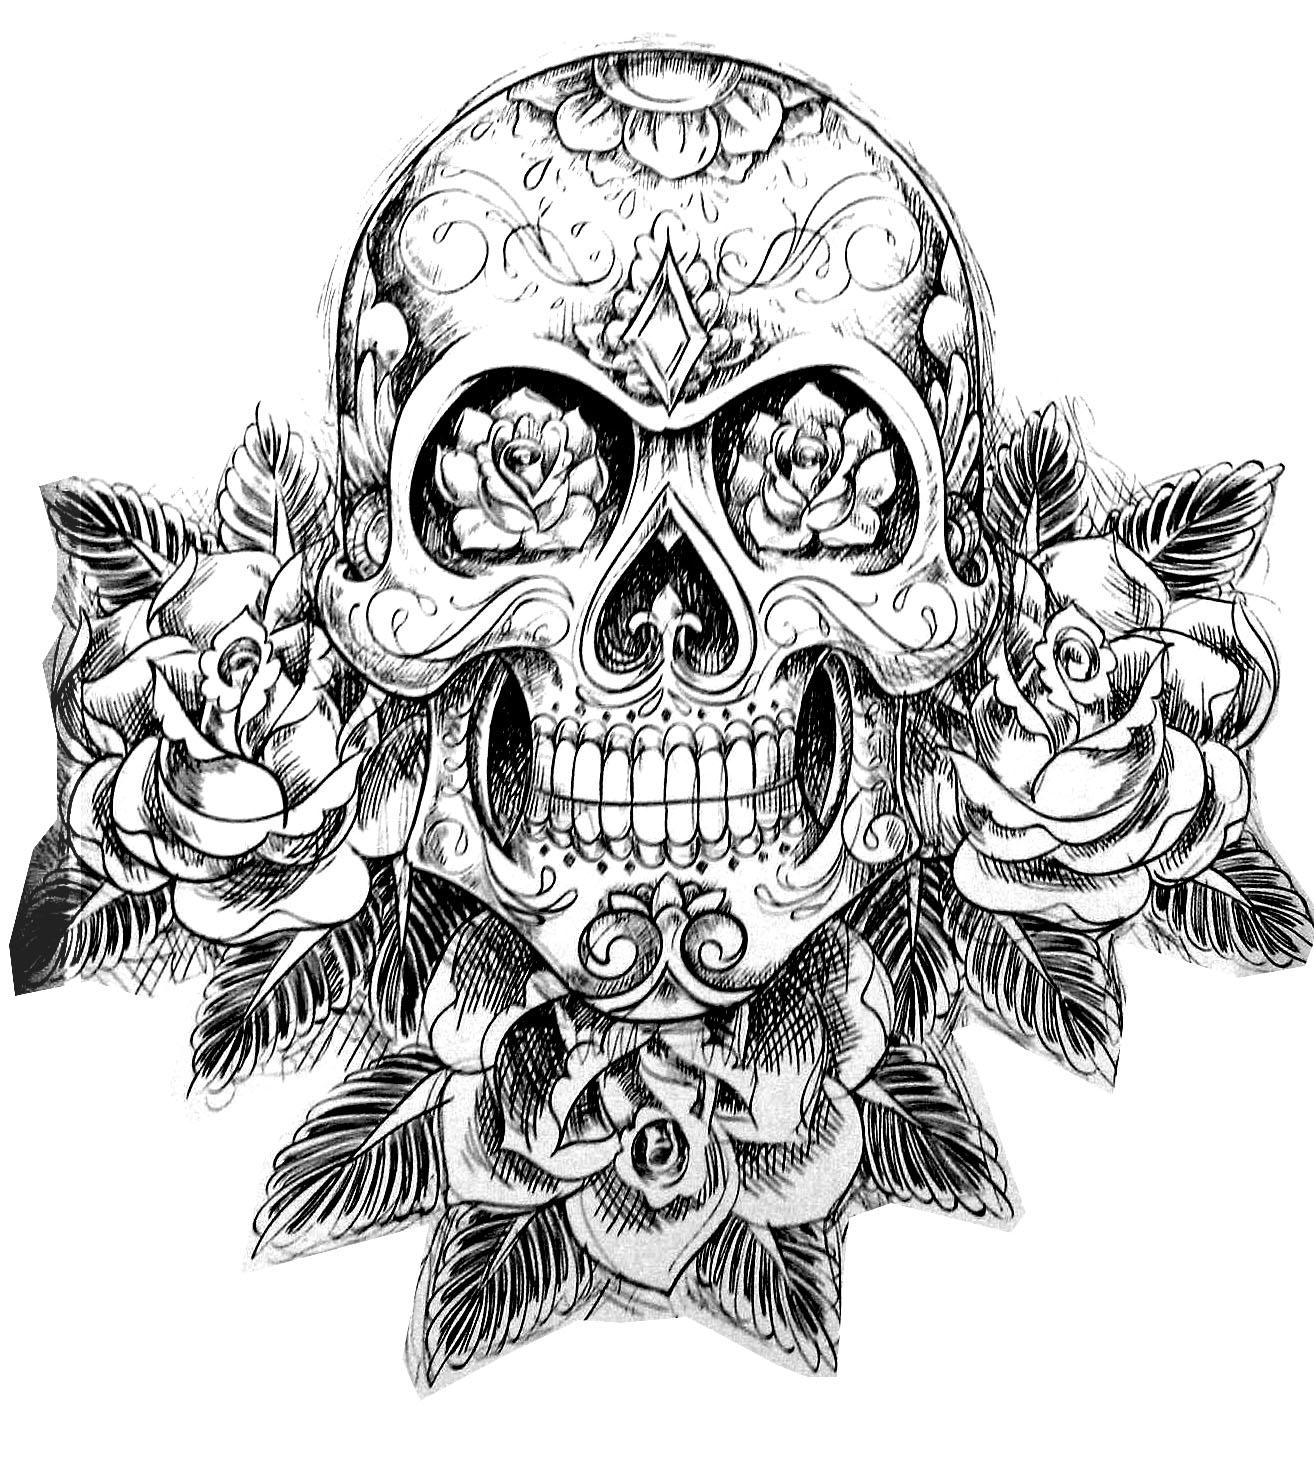 Disegni da colorare per adulti : Tatuaggi - 3